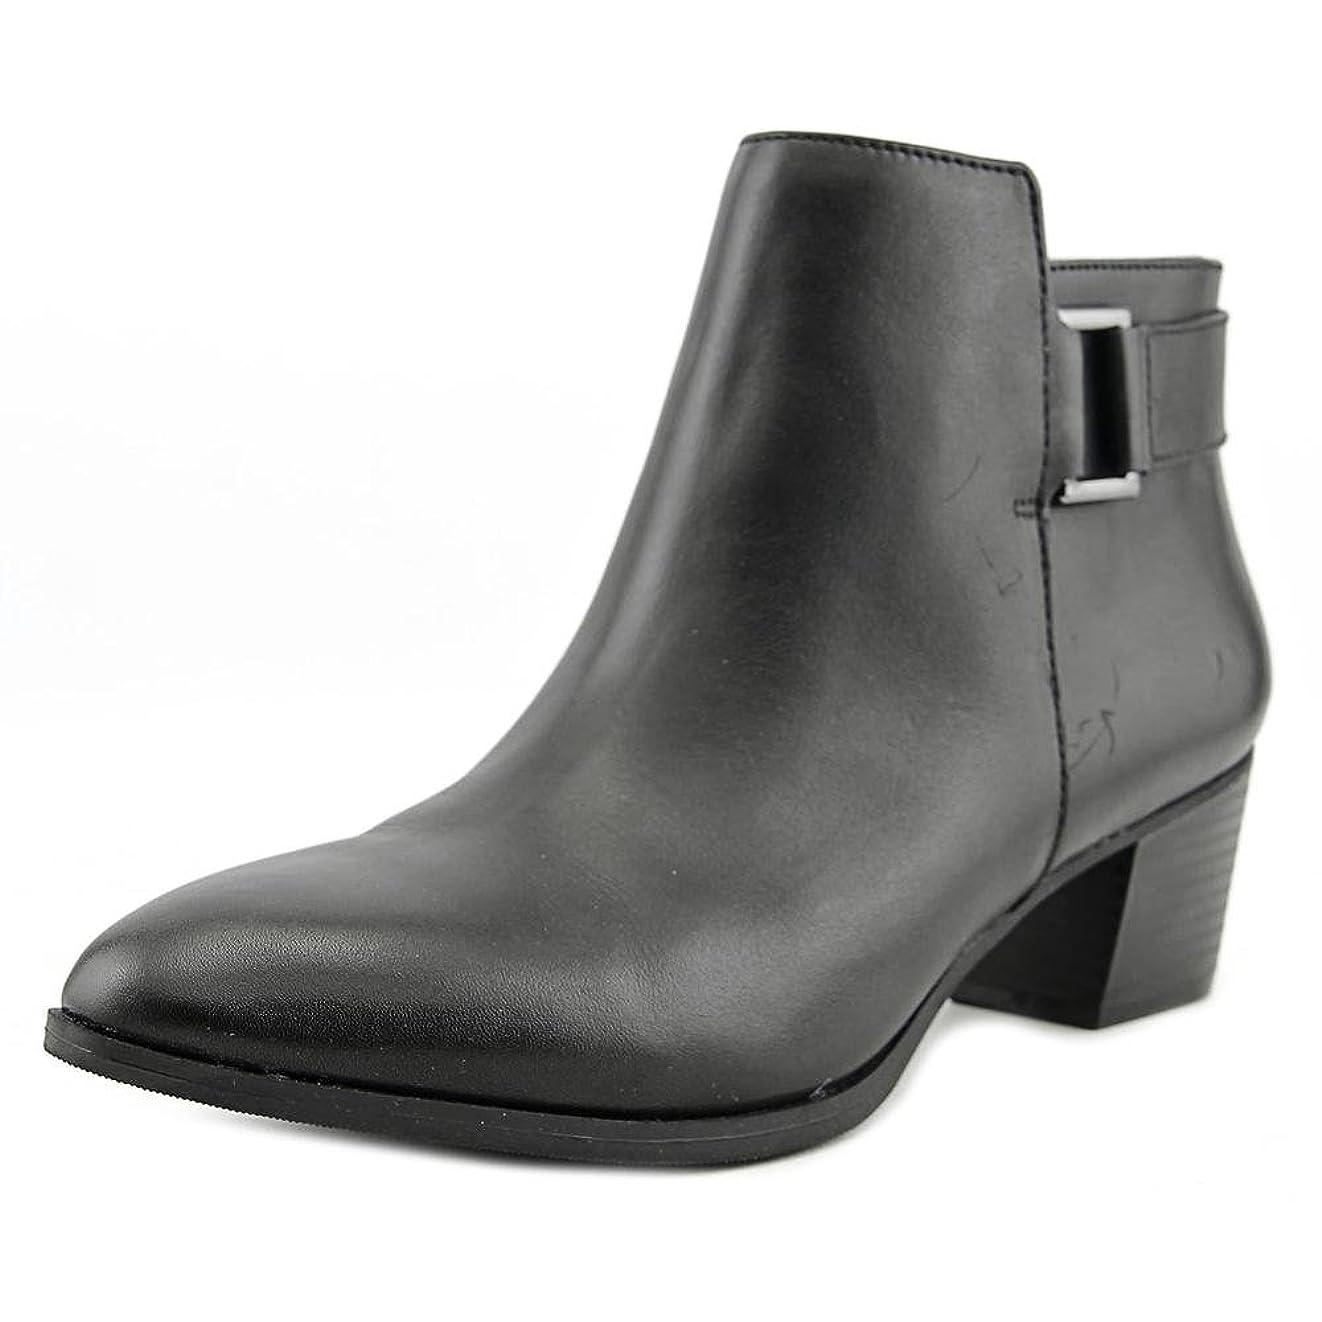 爬虫類健康的オゾンAlfani Womens Adisonn Closed Toe Leather Fashion Boots